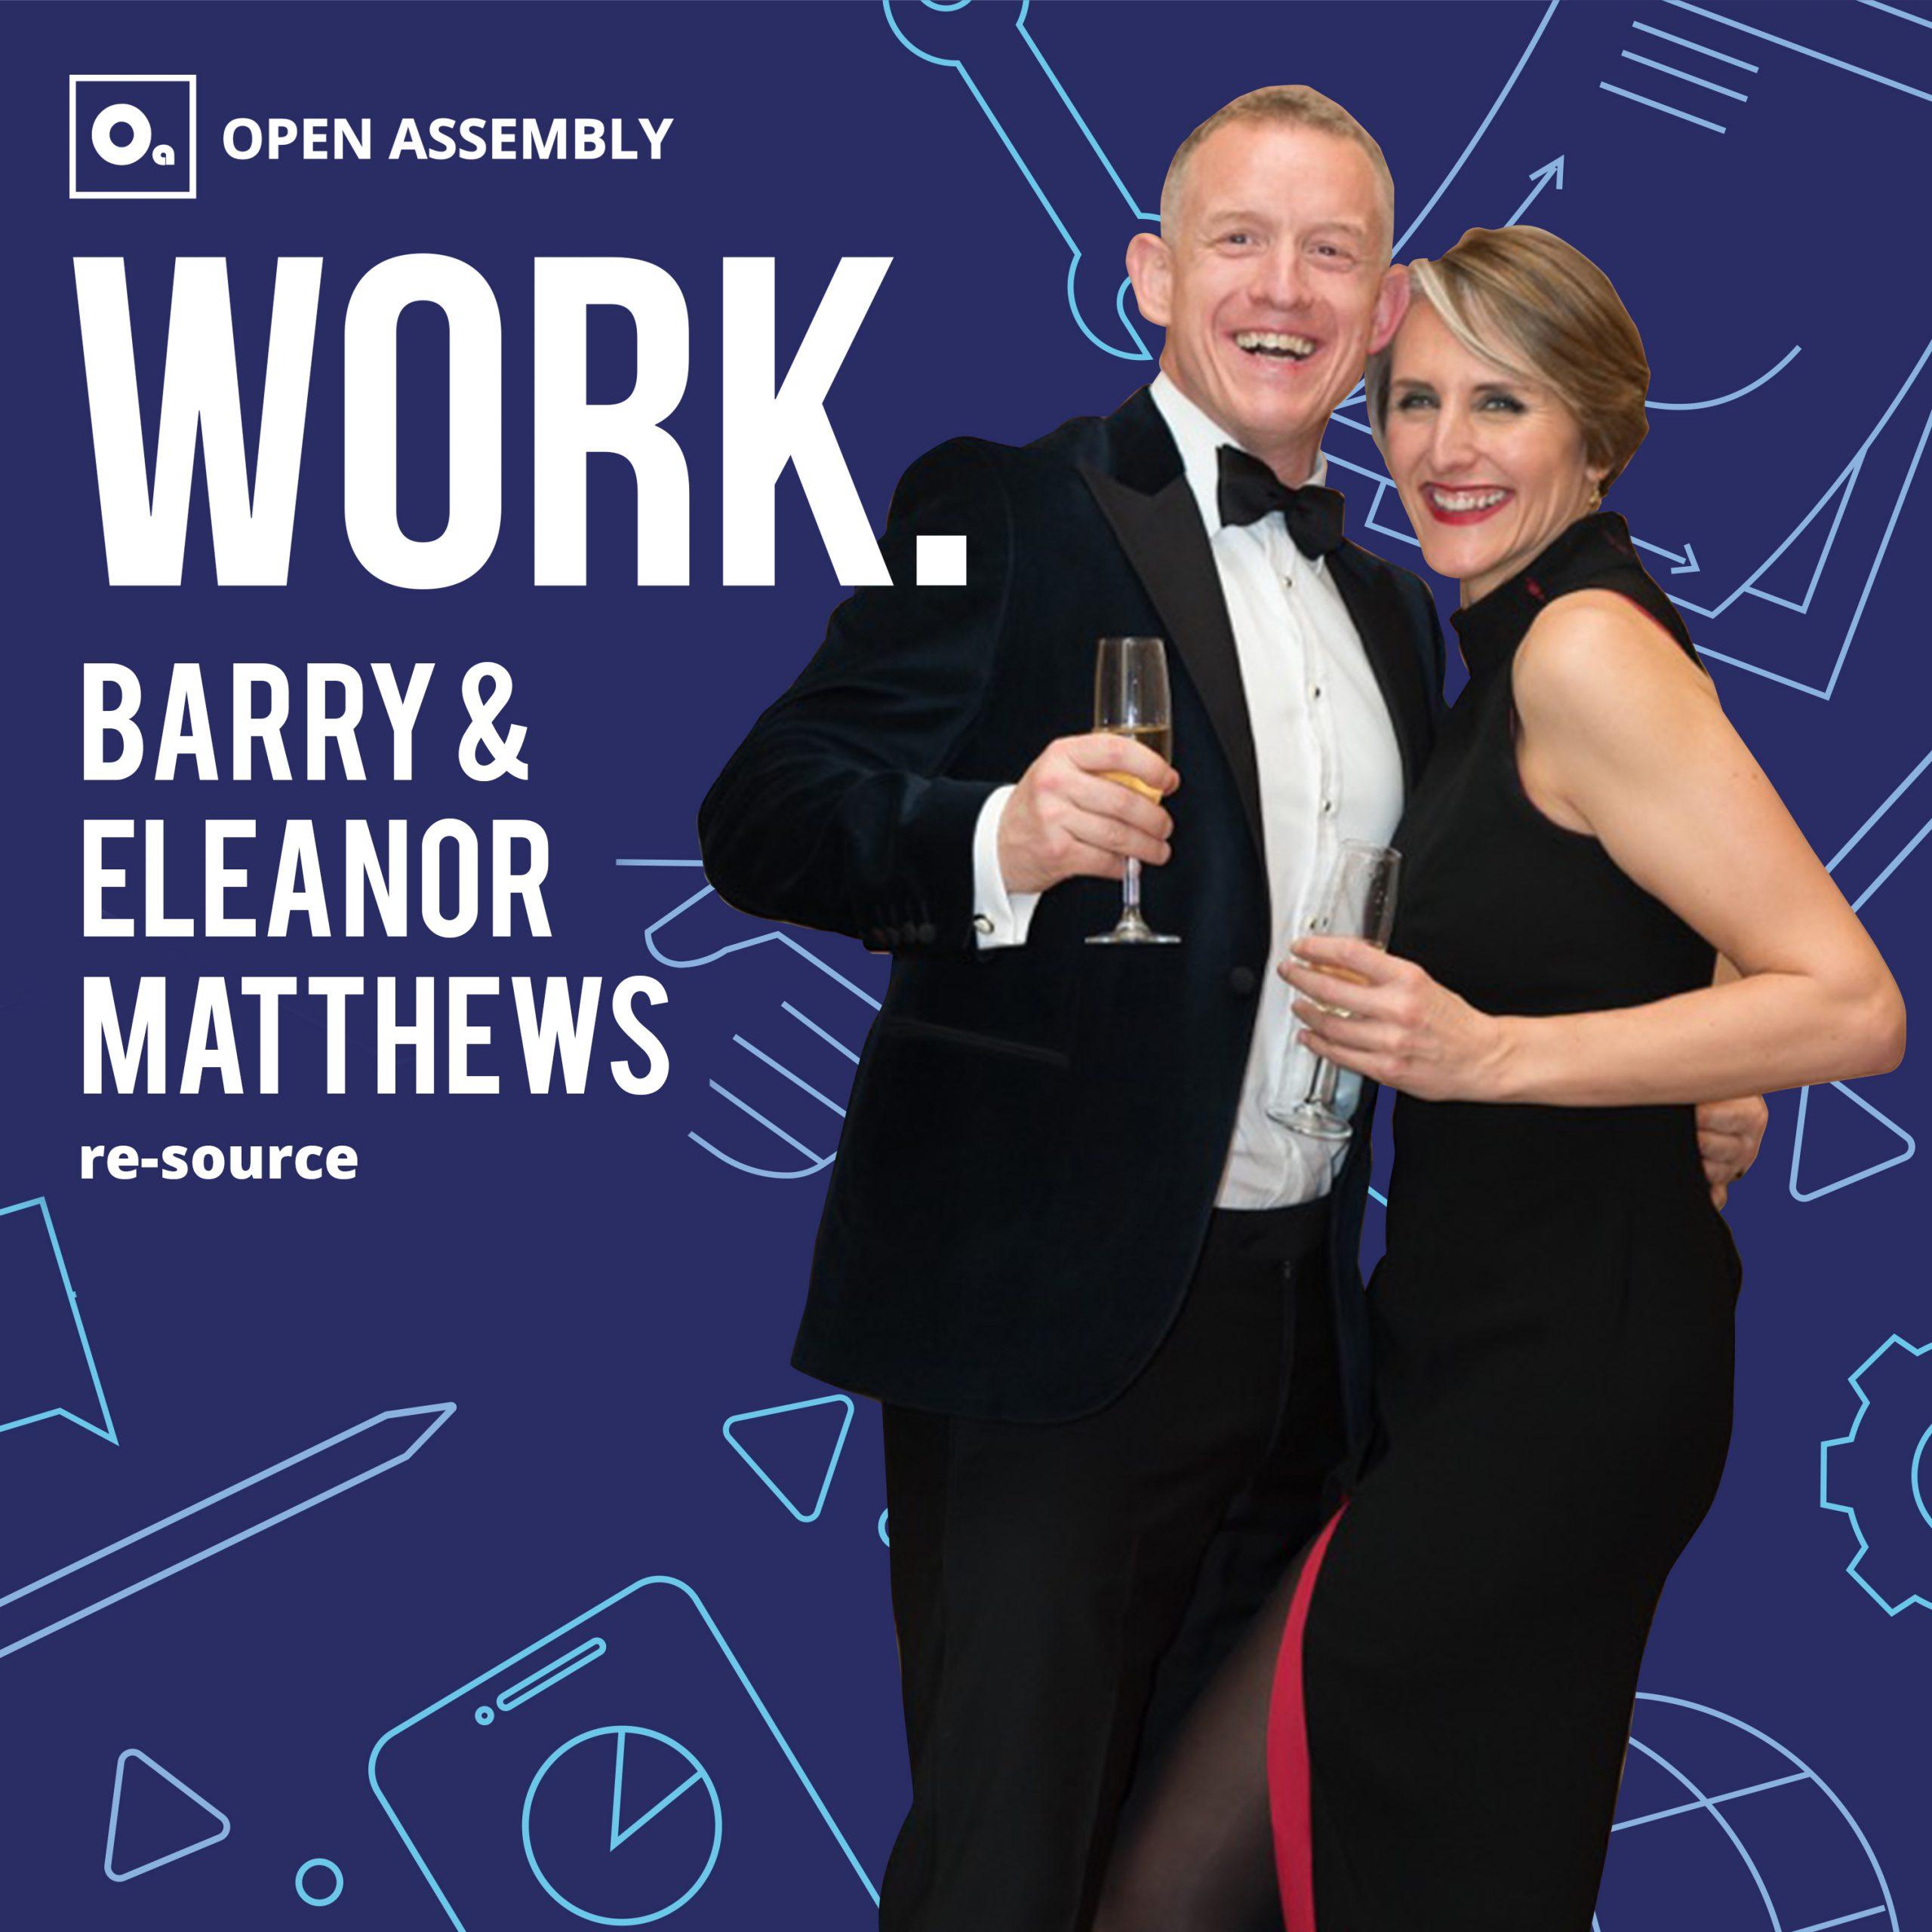 Eleanor & Barry Matthews